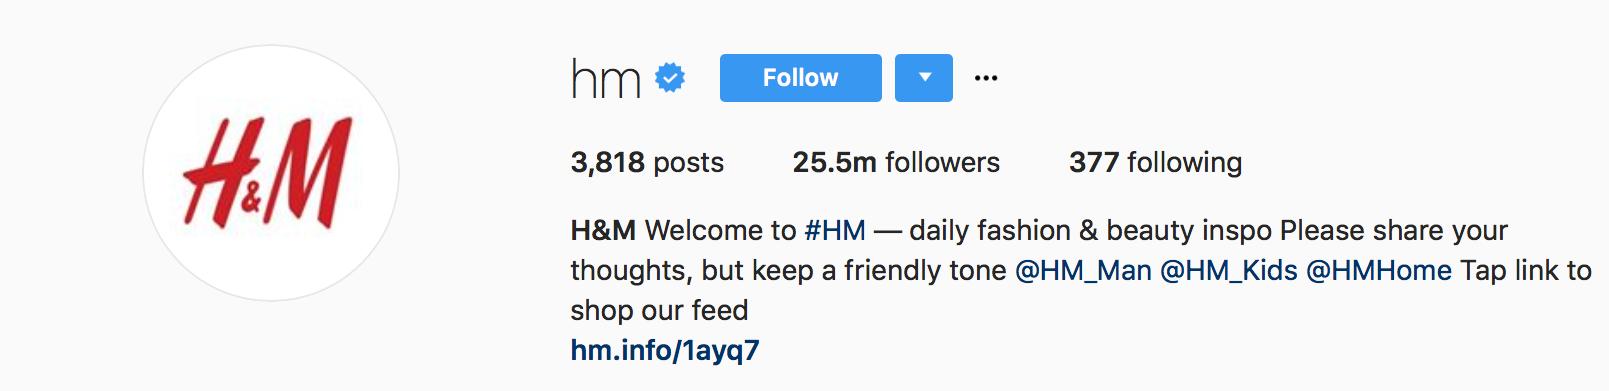 H&M Instagram 2